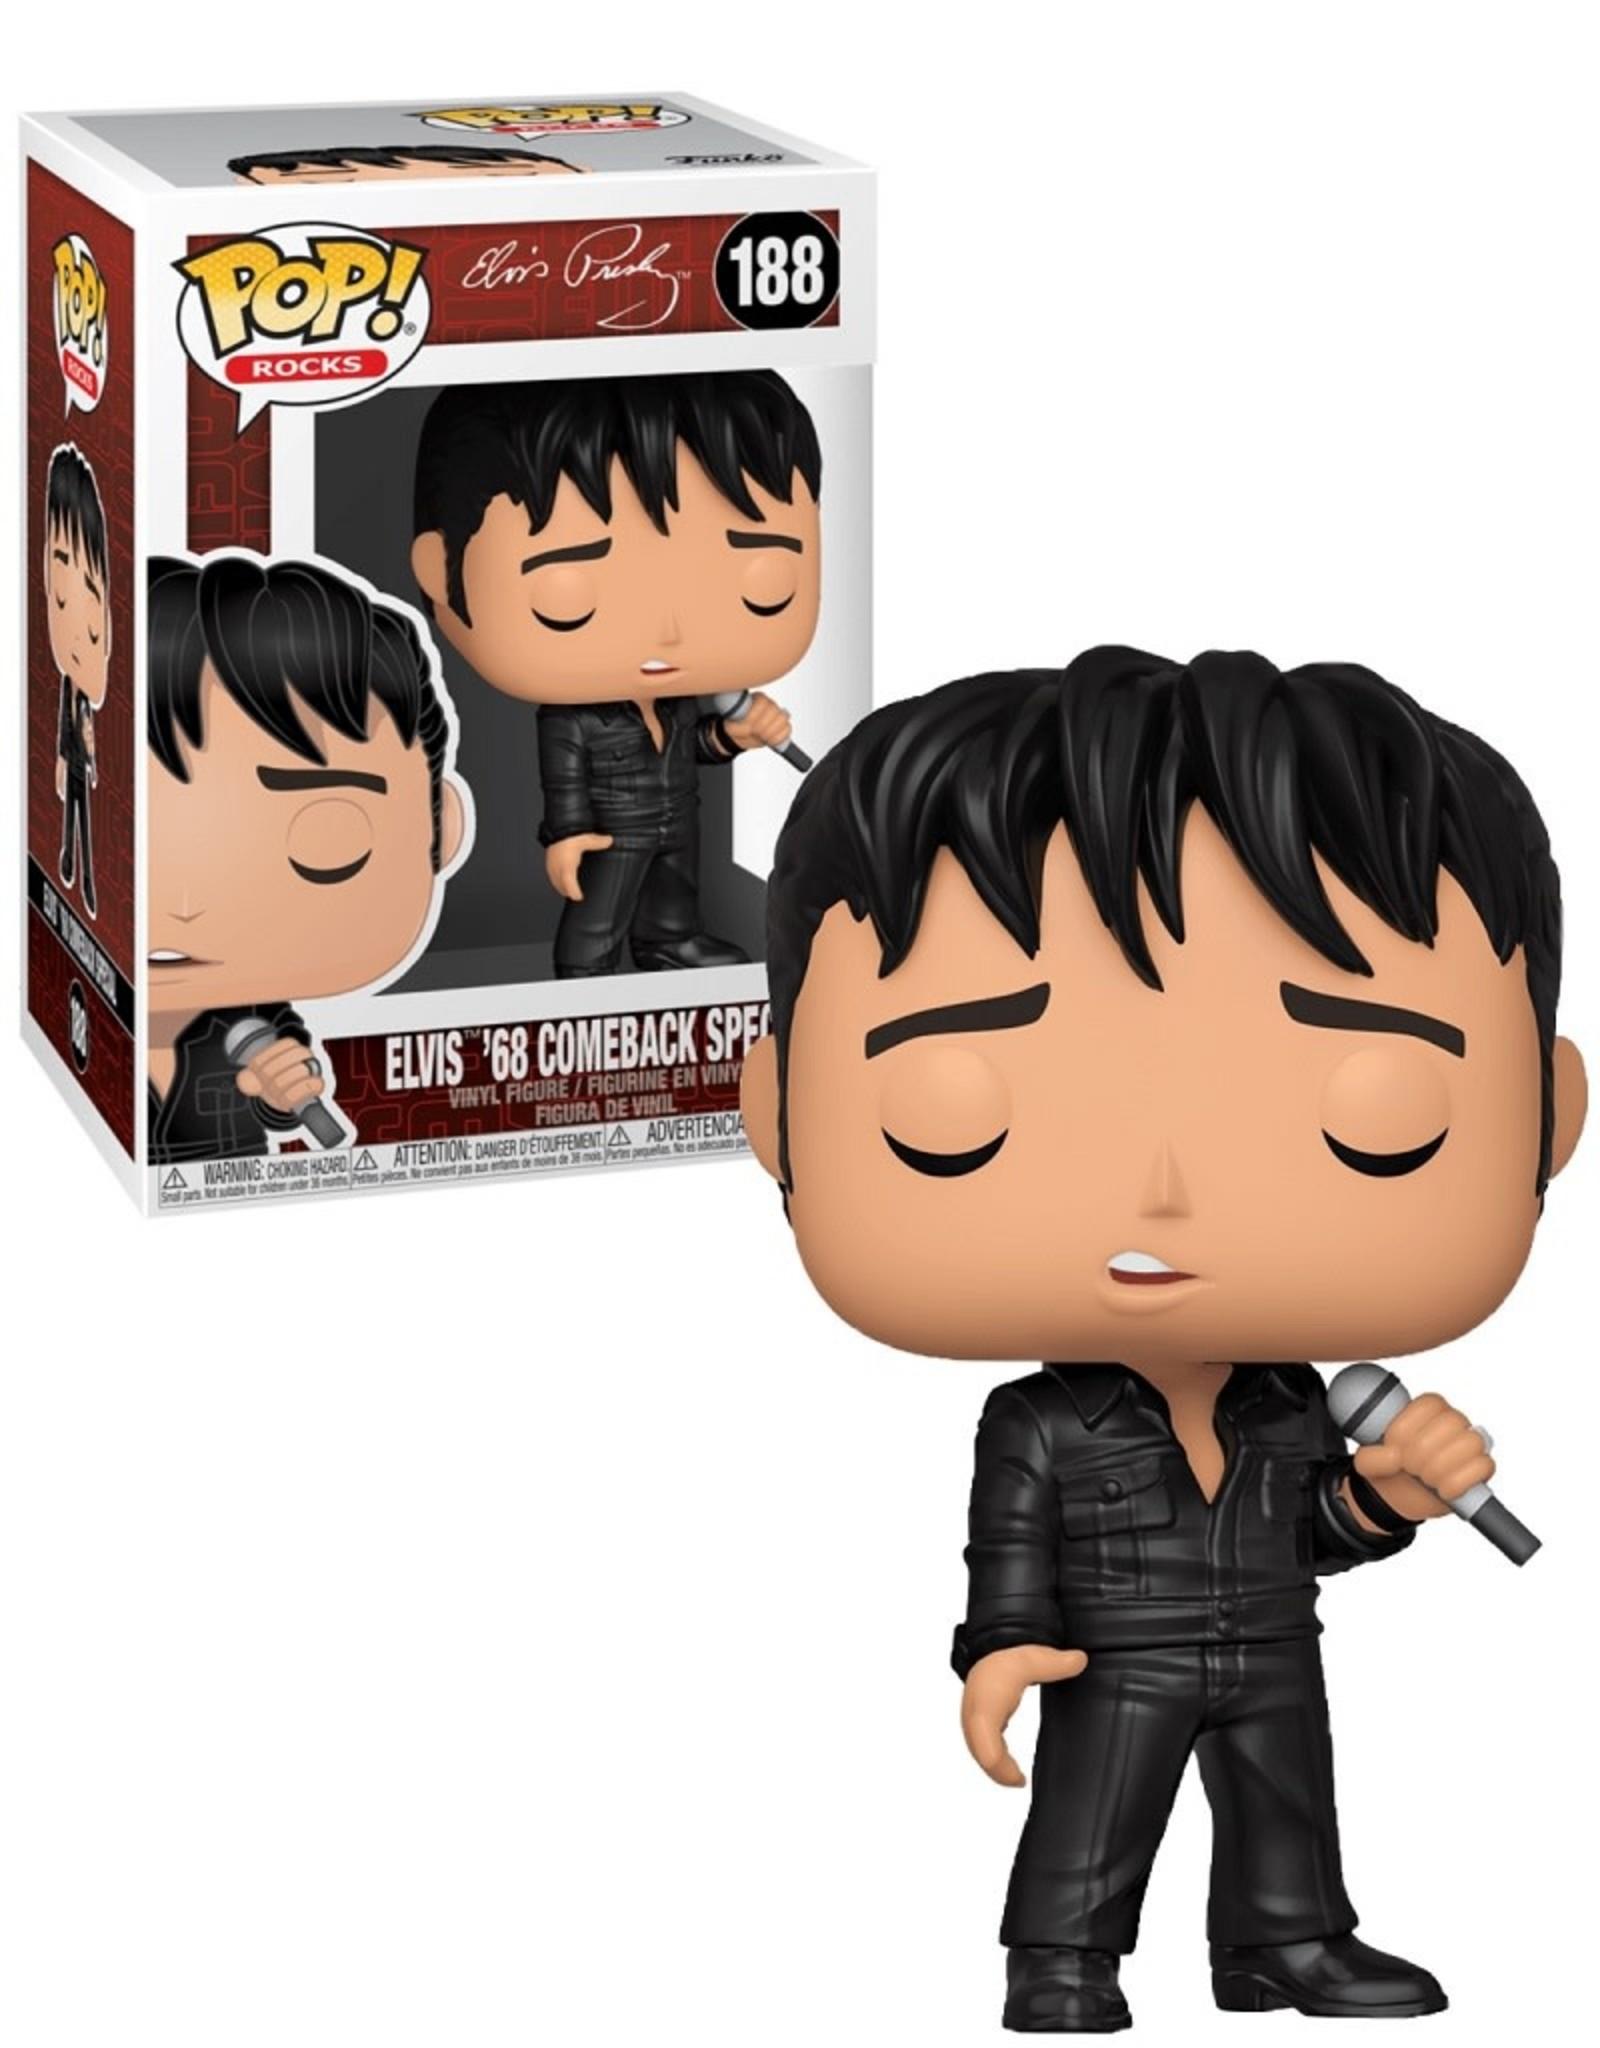 Elvis Presley 188 ( Funko Pop ) Elvis 68' Comeback Special